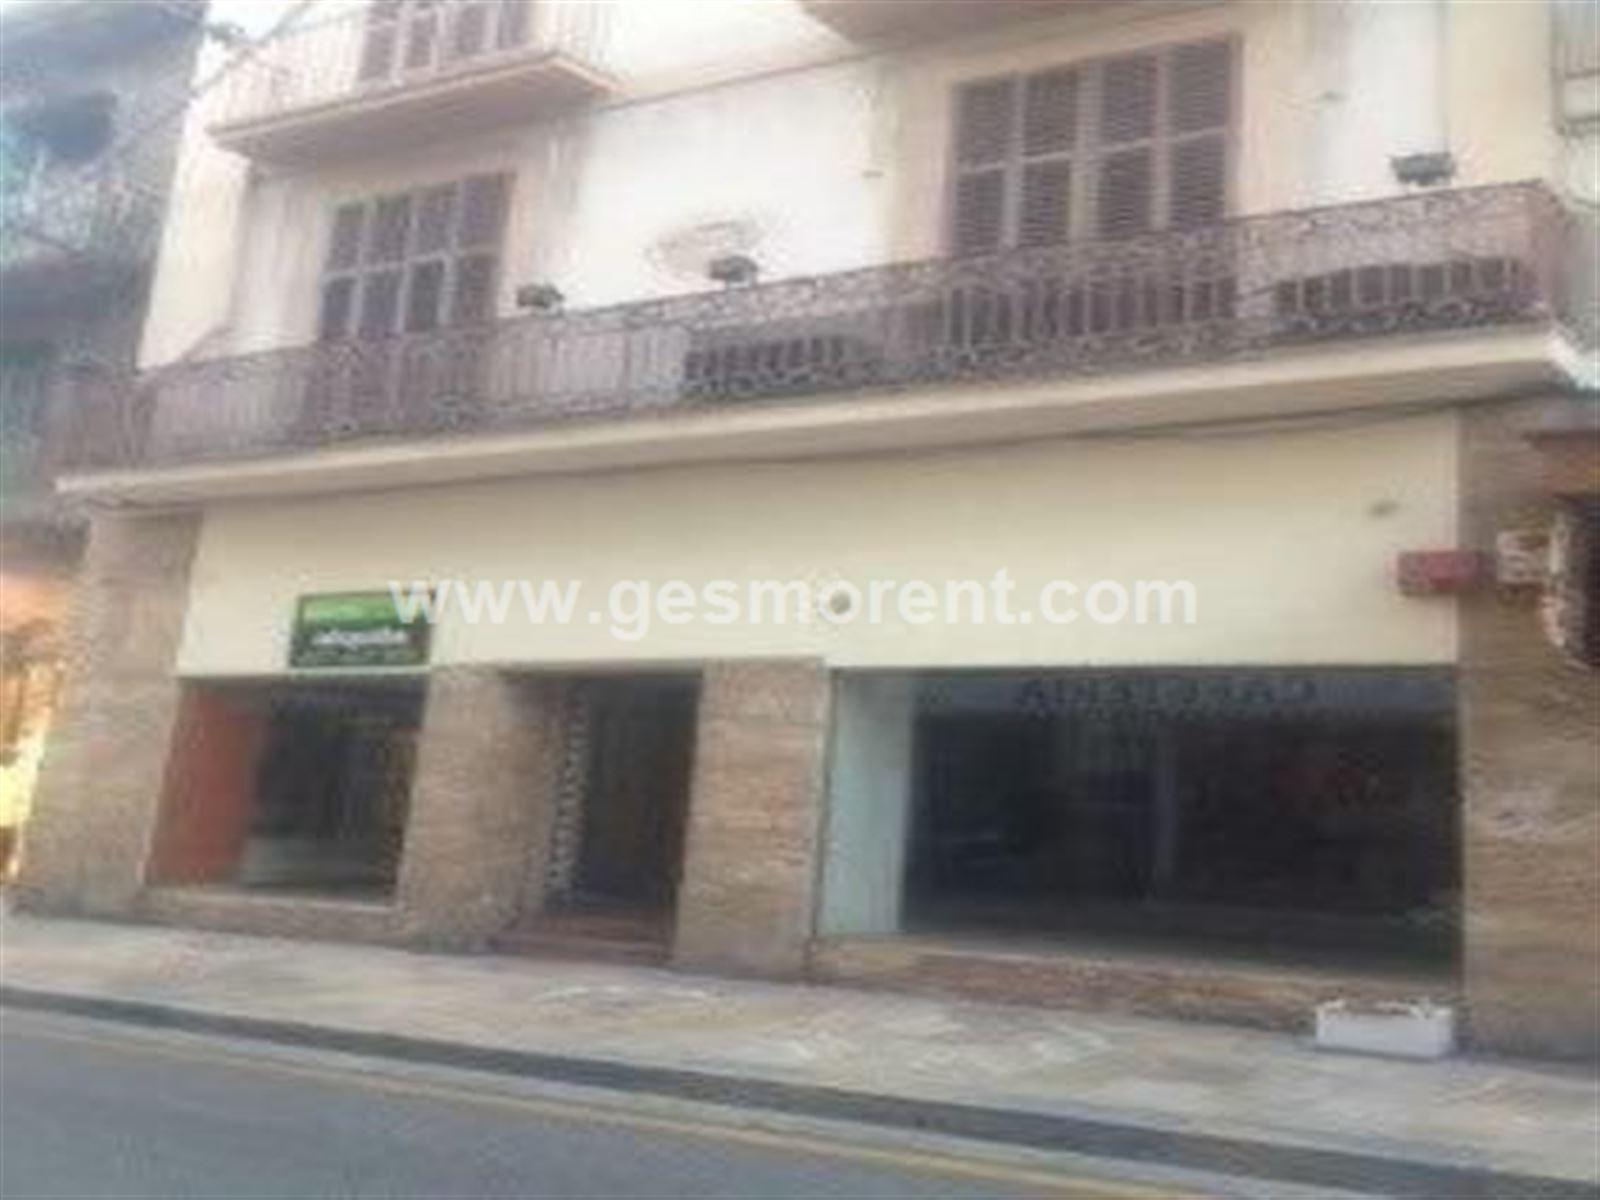 Edificio  Palma de mallorca - centro. Se vende edificio en el centro de palma.